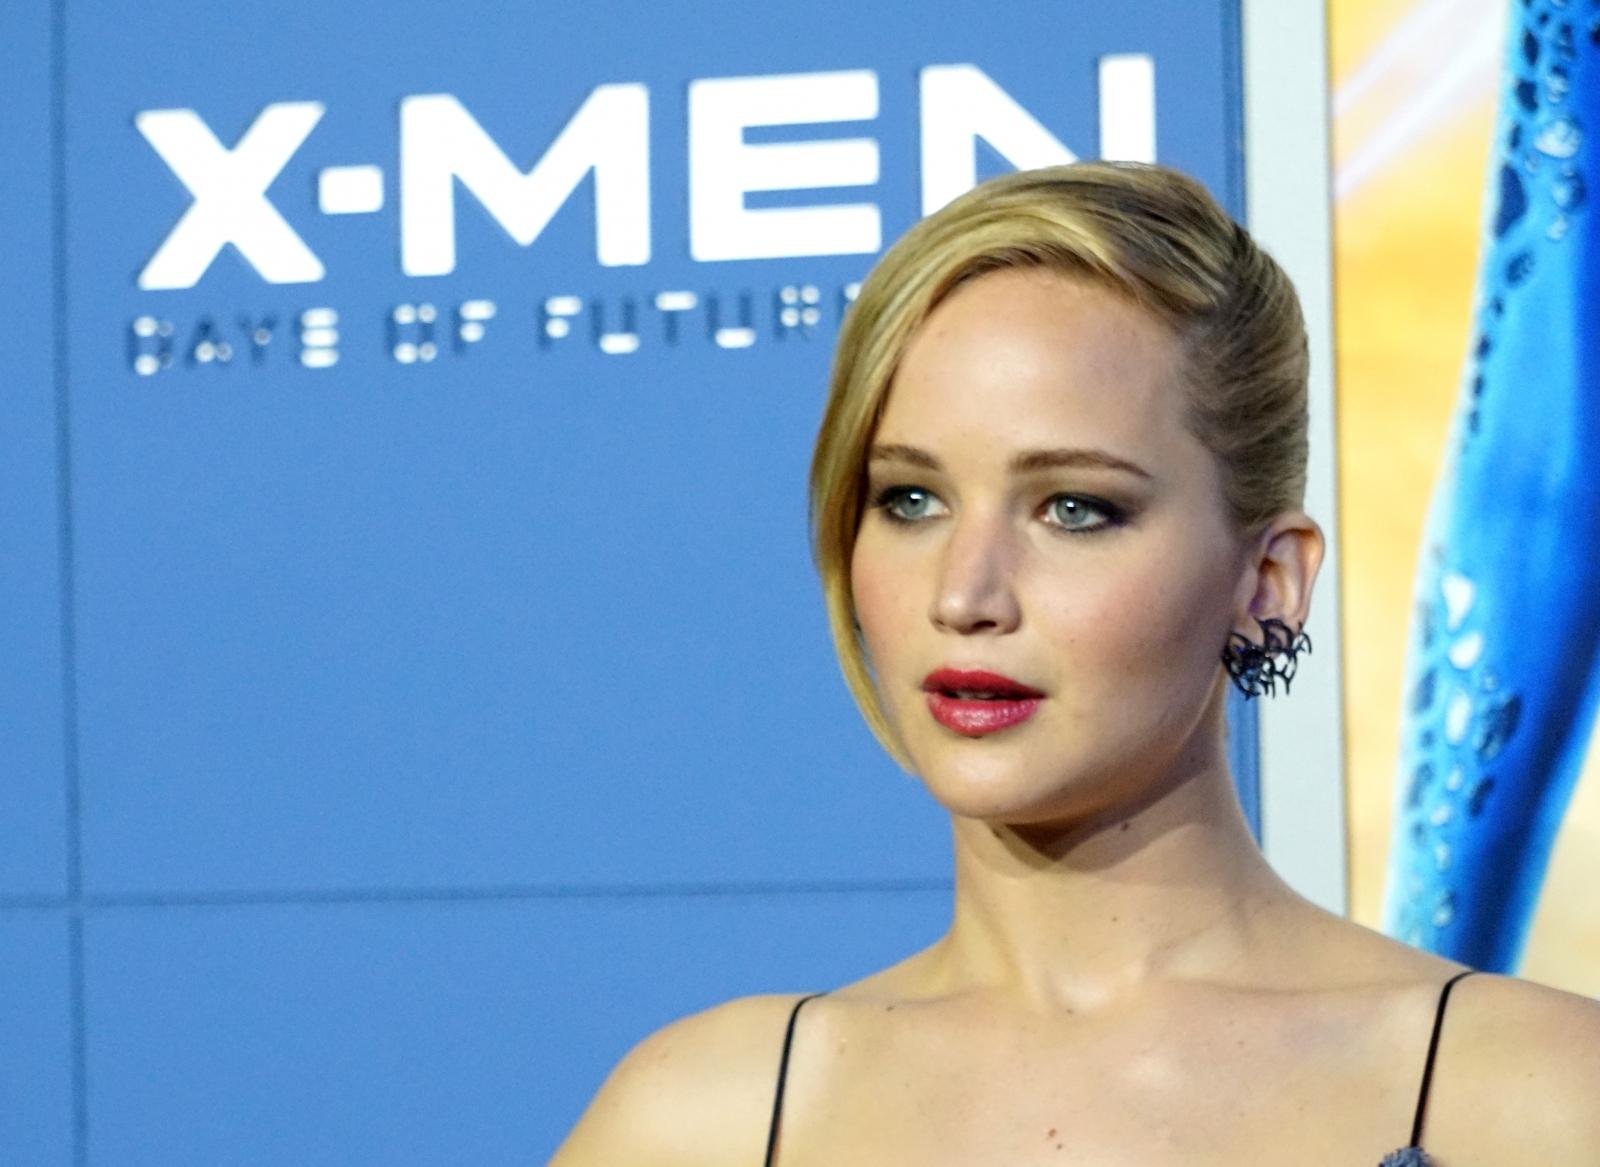 Jennifer Lawrence Nudes Leaked Online